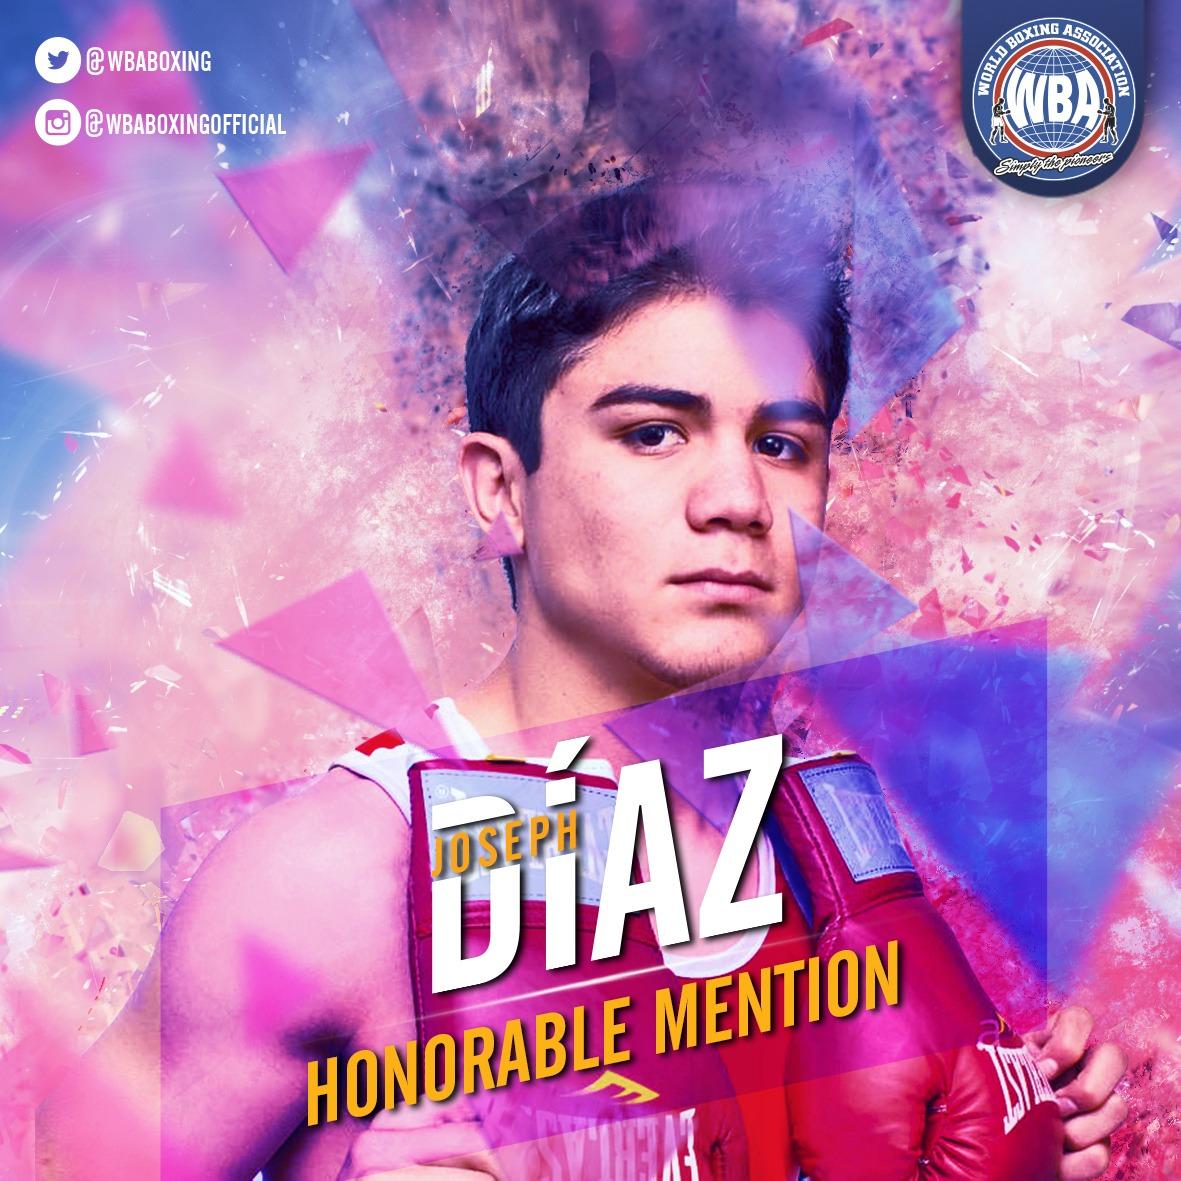 Joseph Diaz– WBA Honorable Mention september 2019